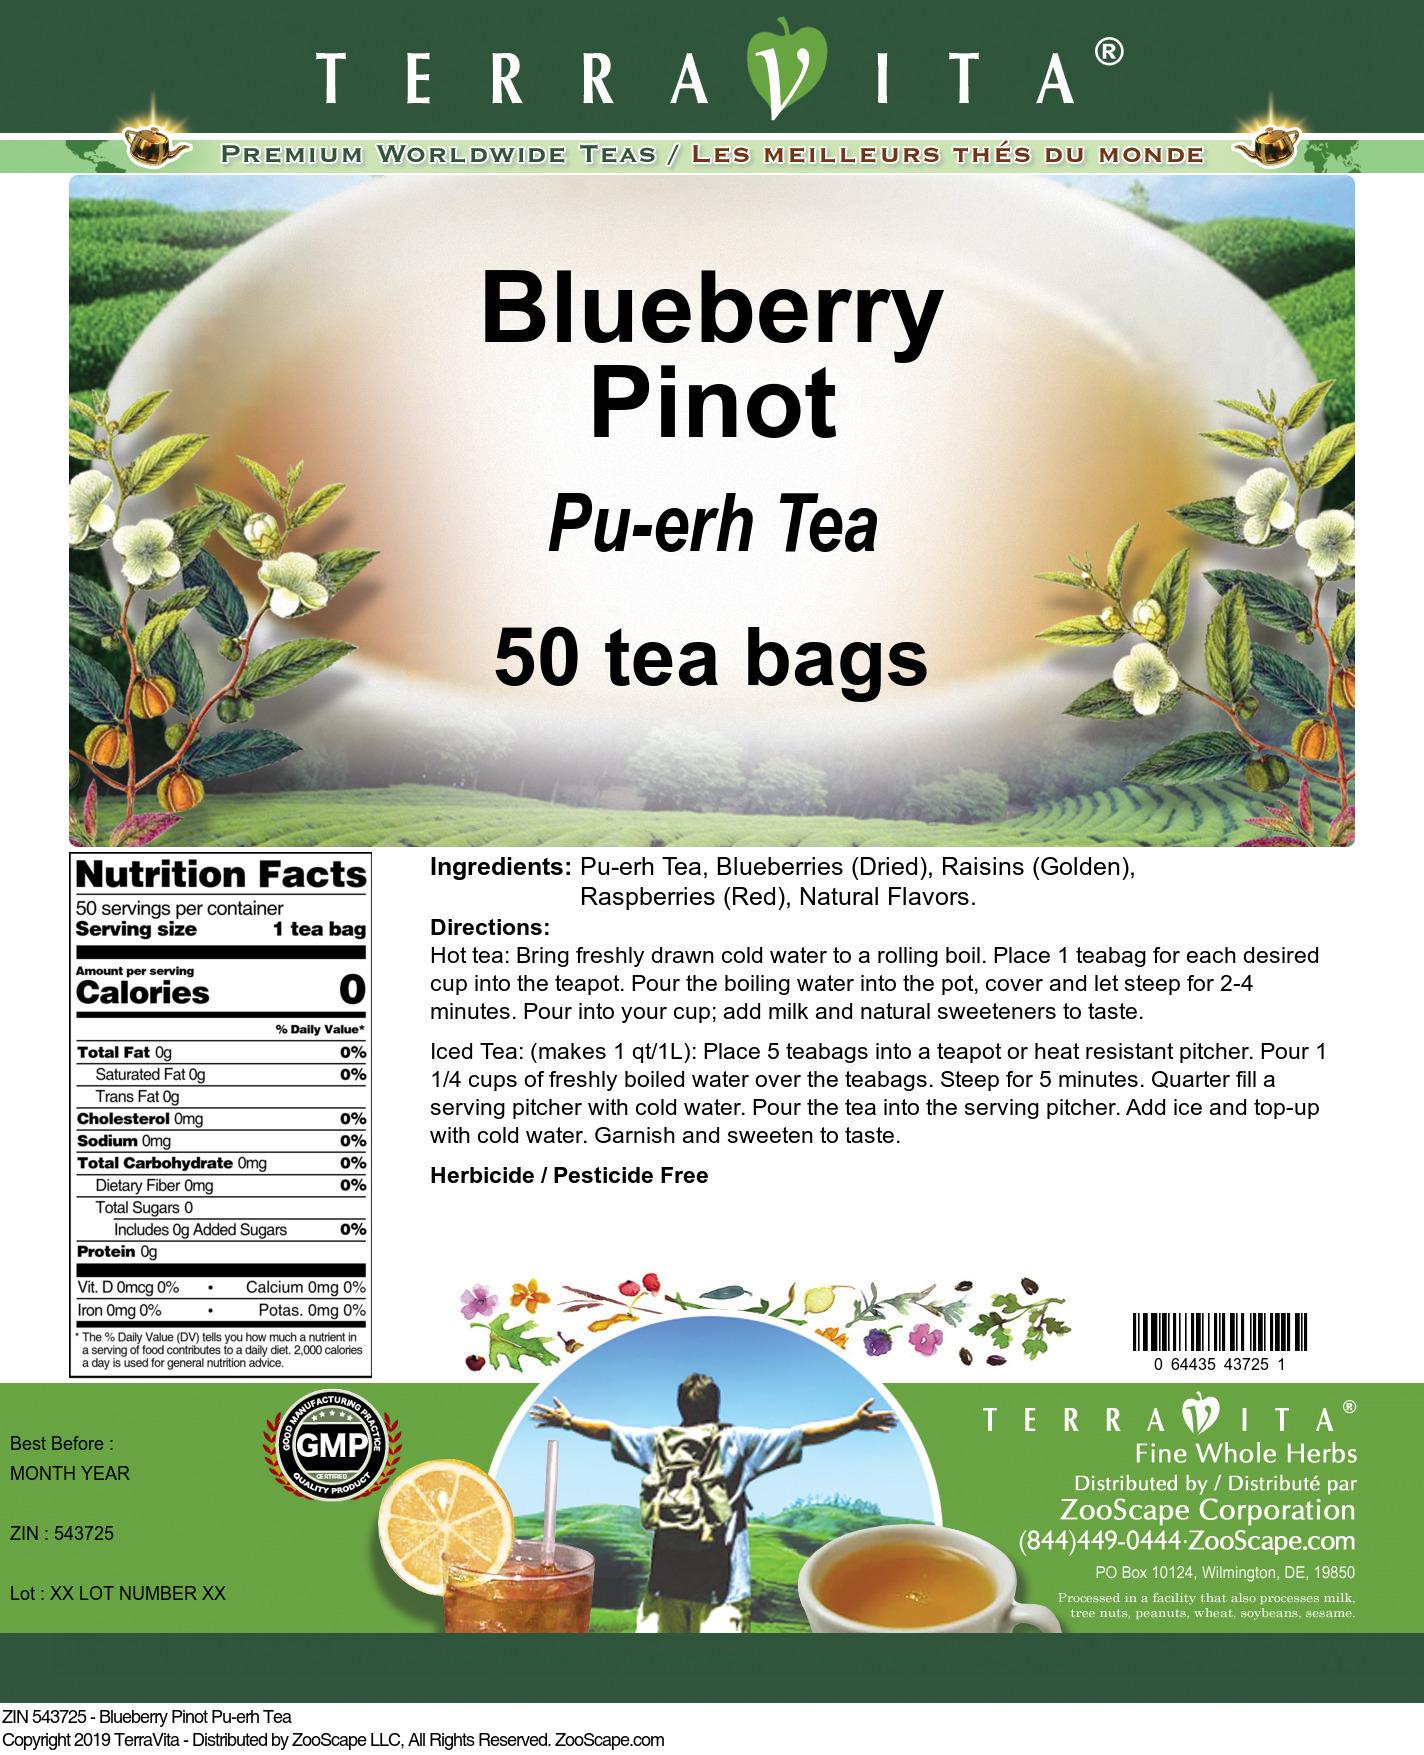 Blueberry Pinot Pu-erh Tea